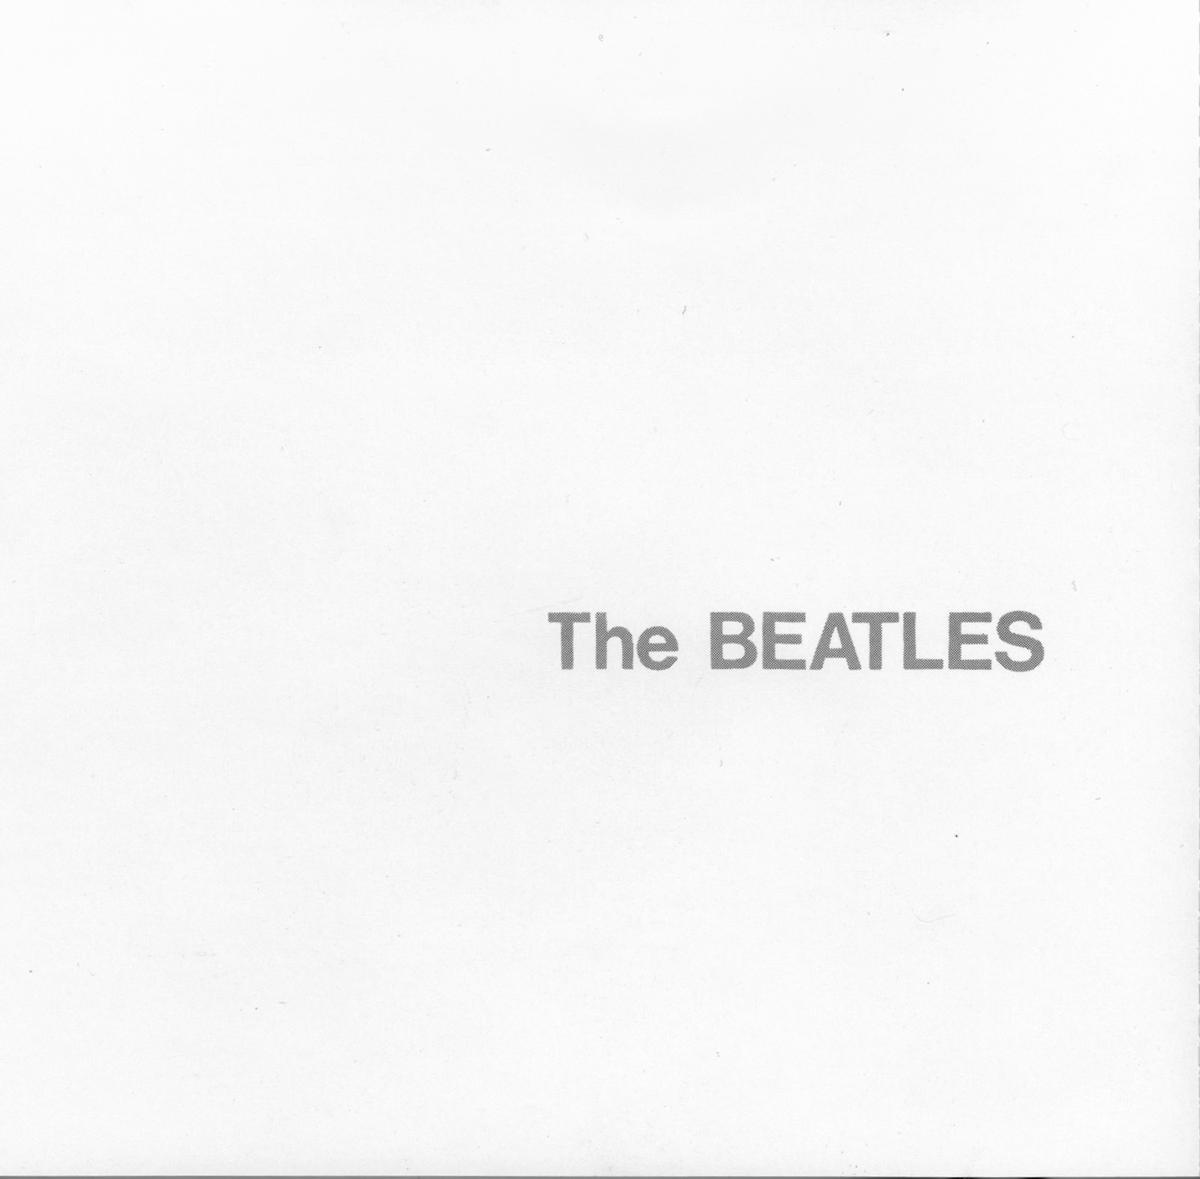 ビートルズの画像 p1_23